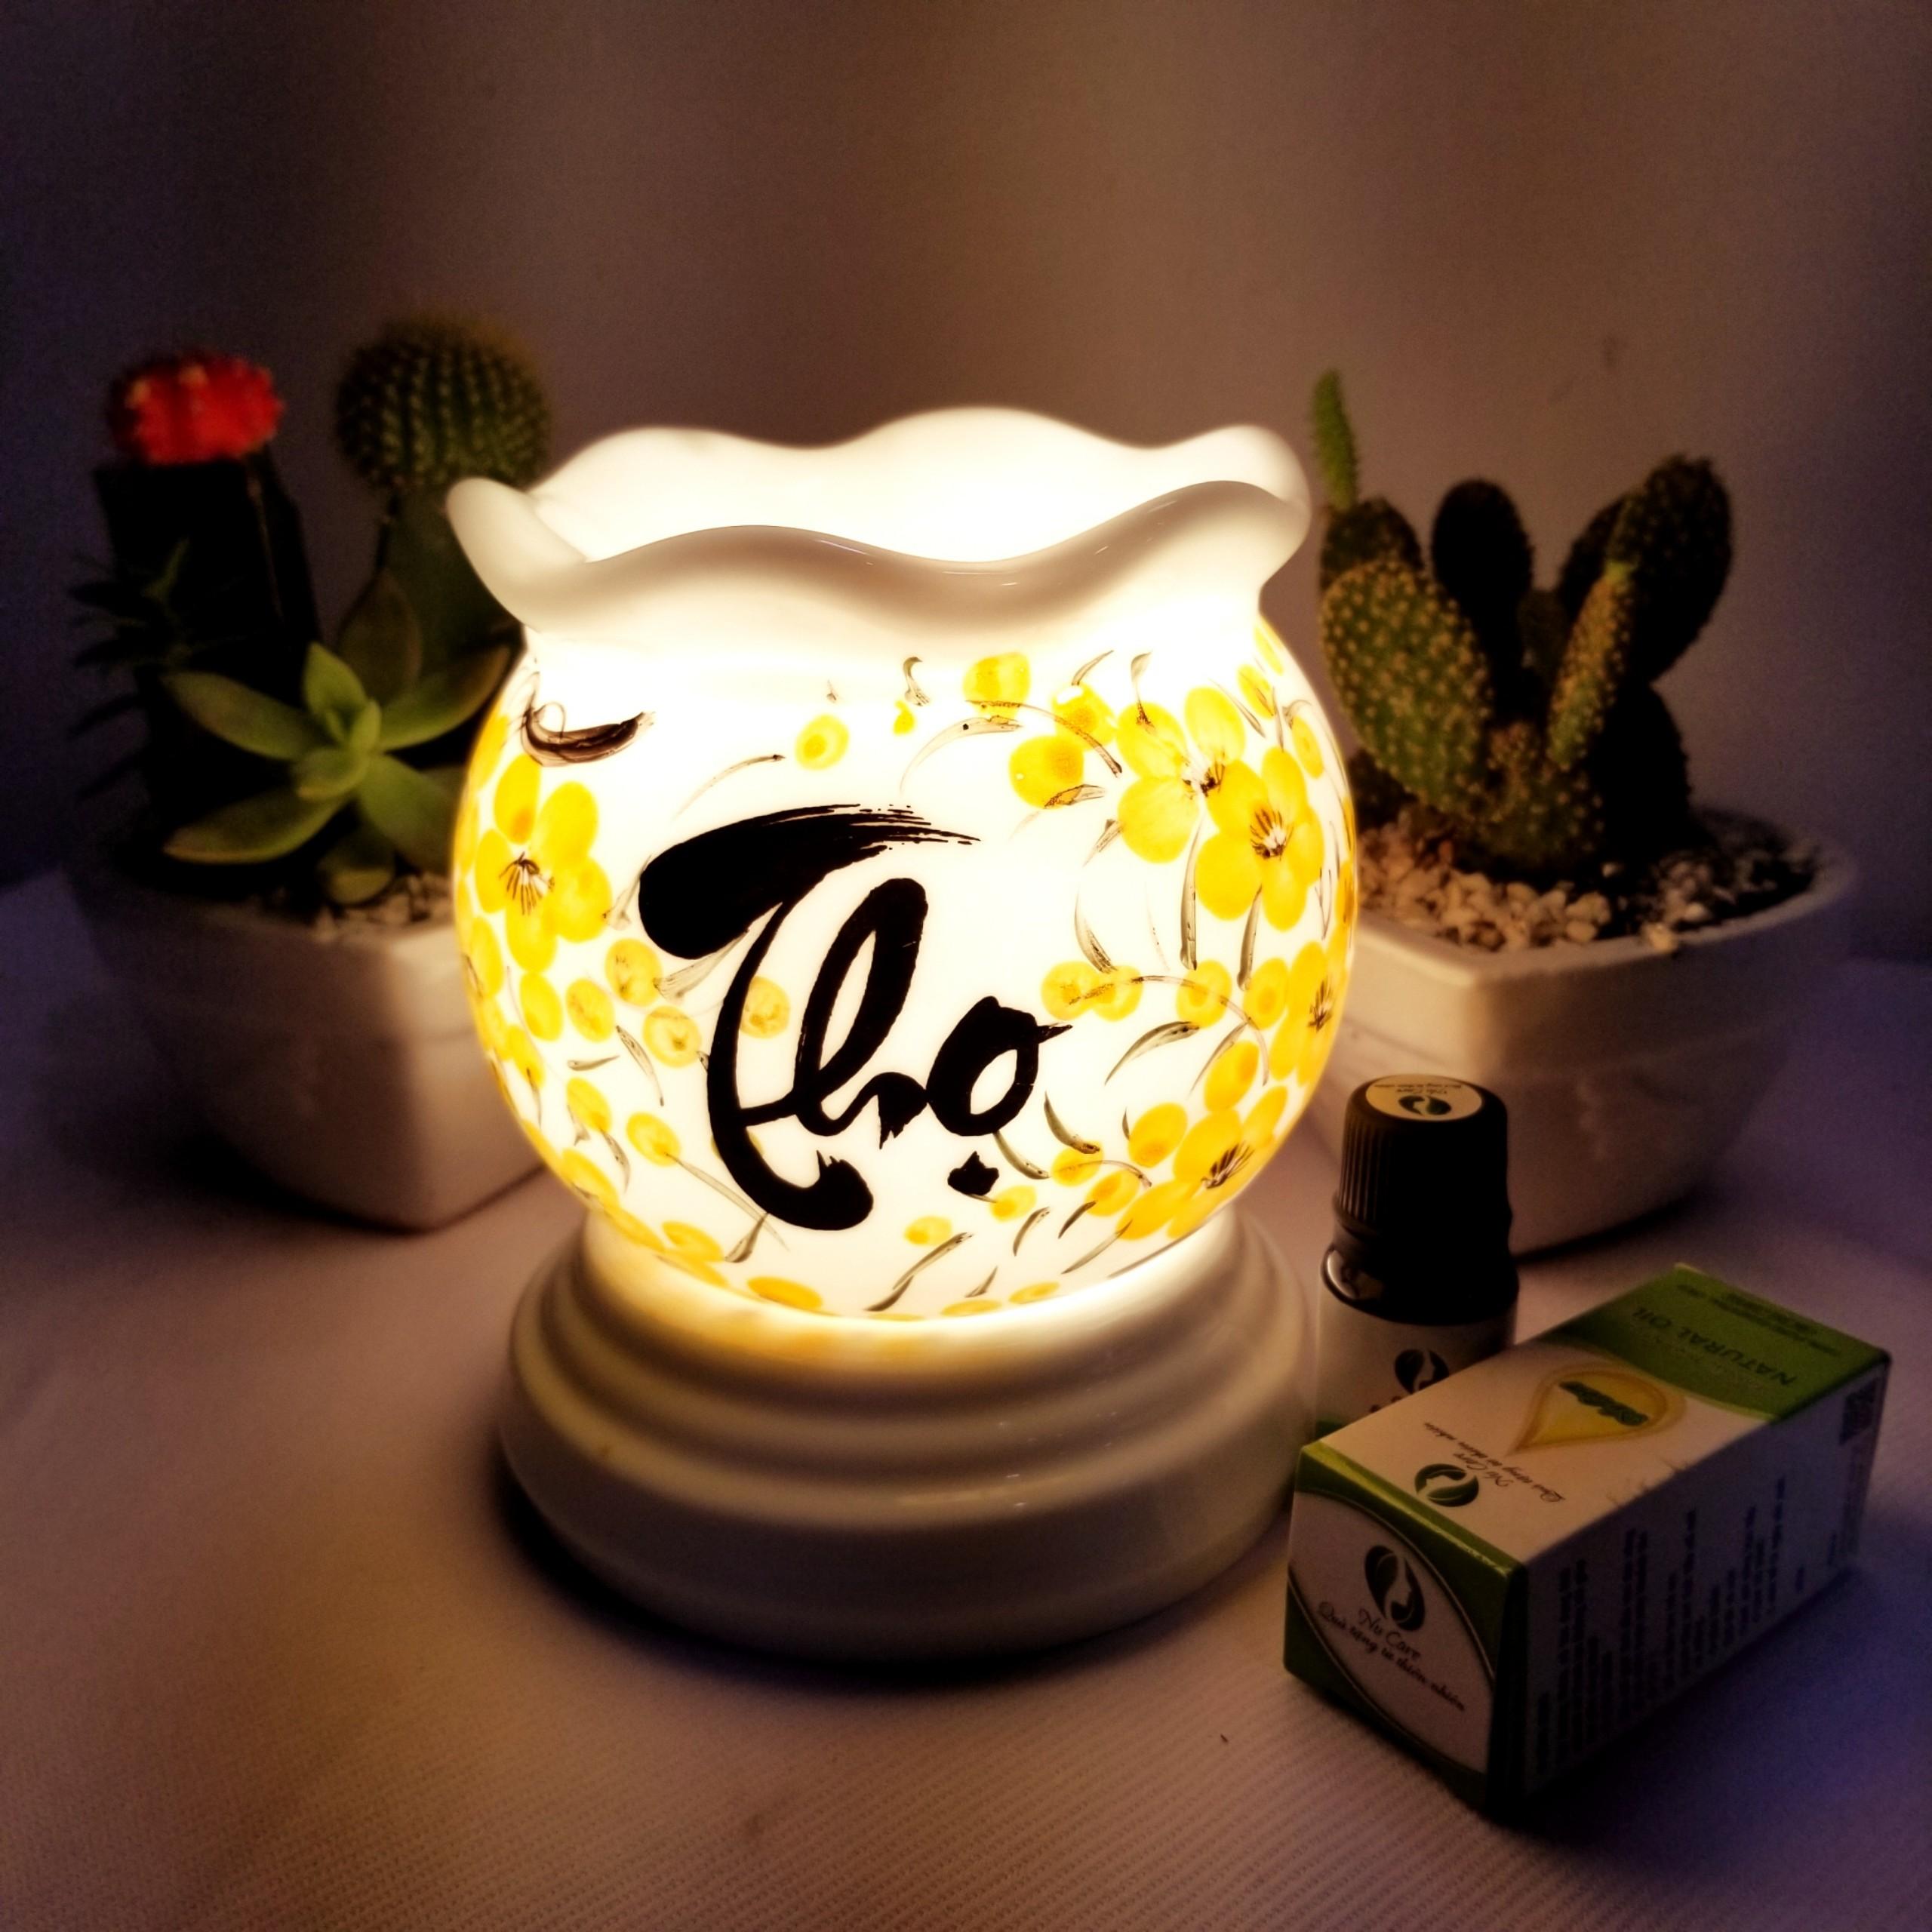 Mua đèn xông tinh dầu nhà đẹp giá rẻ / cung cấp sỉ lẻ đèn xông tinh dầu uy tín